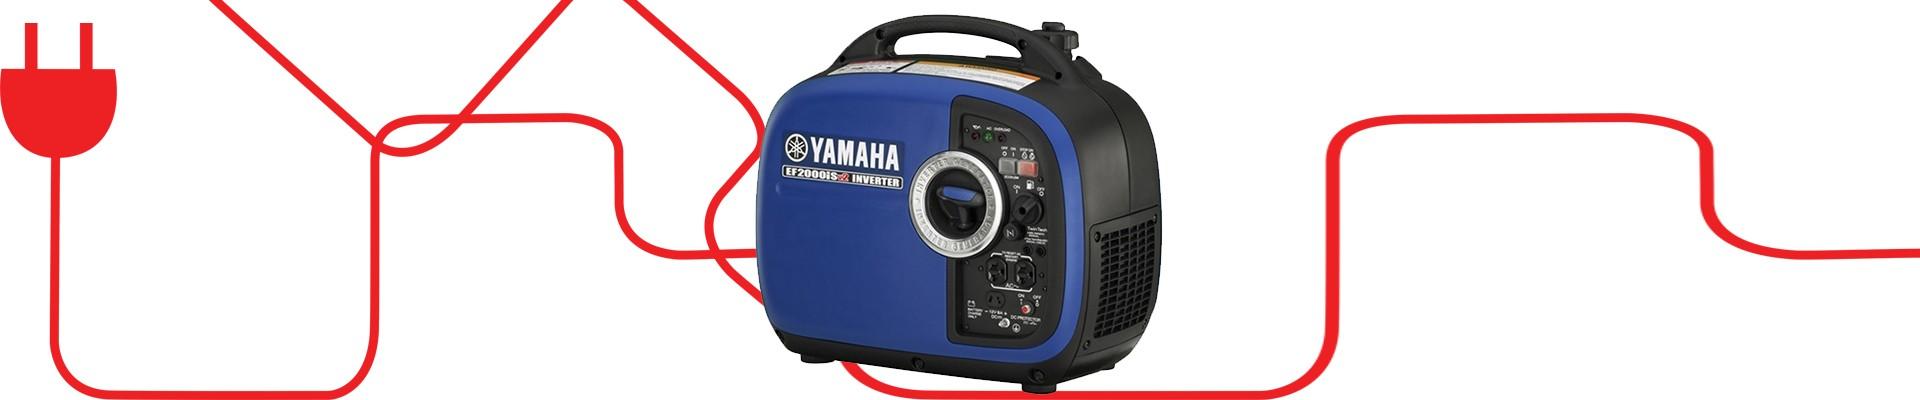 Yamaha RV Generator